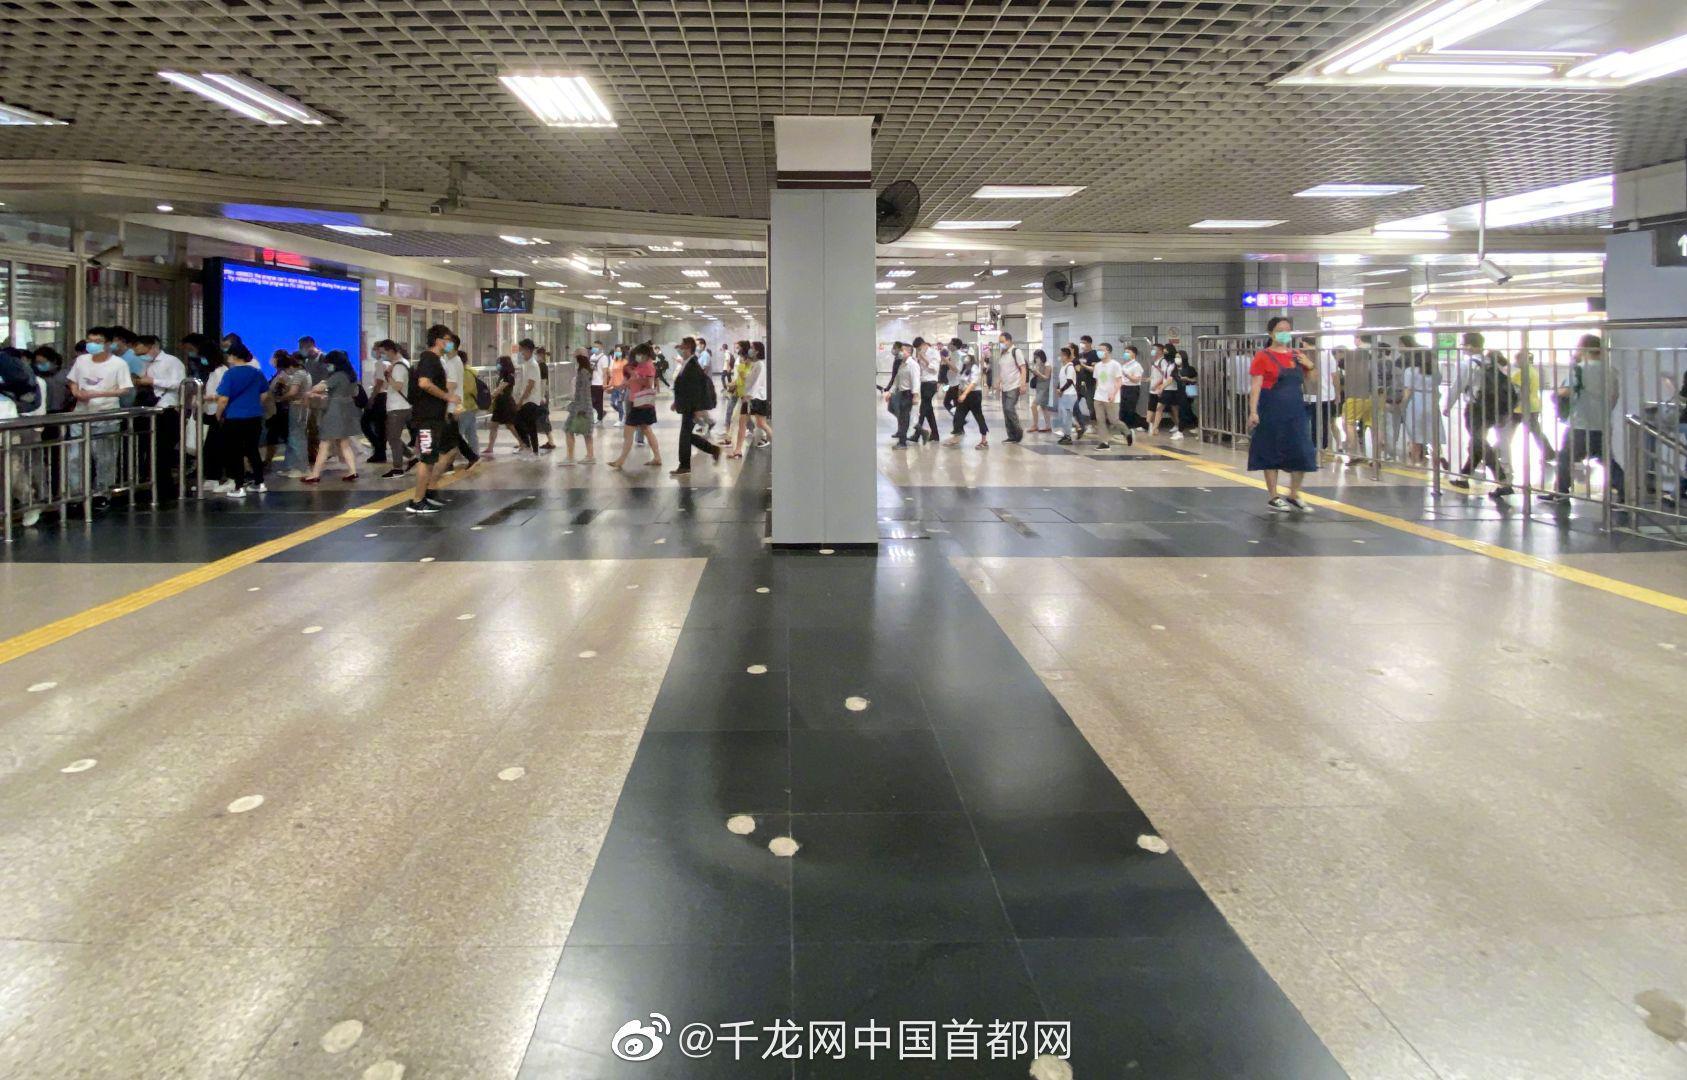 北京地铁站导流围栏陆续下岗 乘客不用再绕路